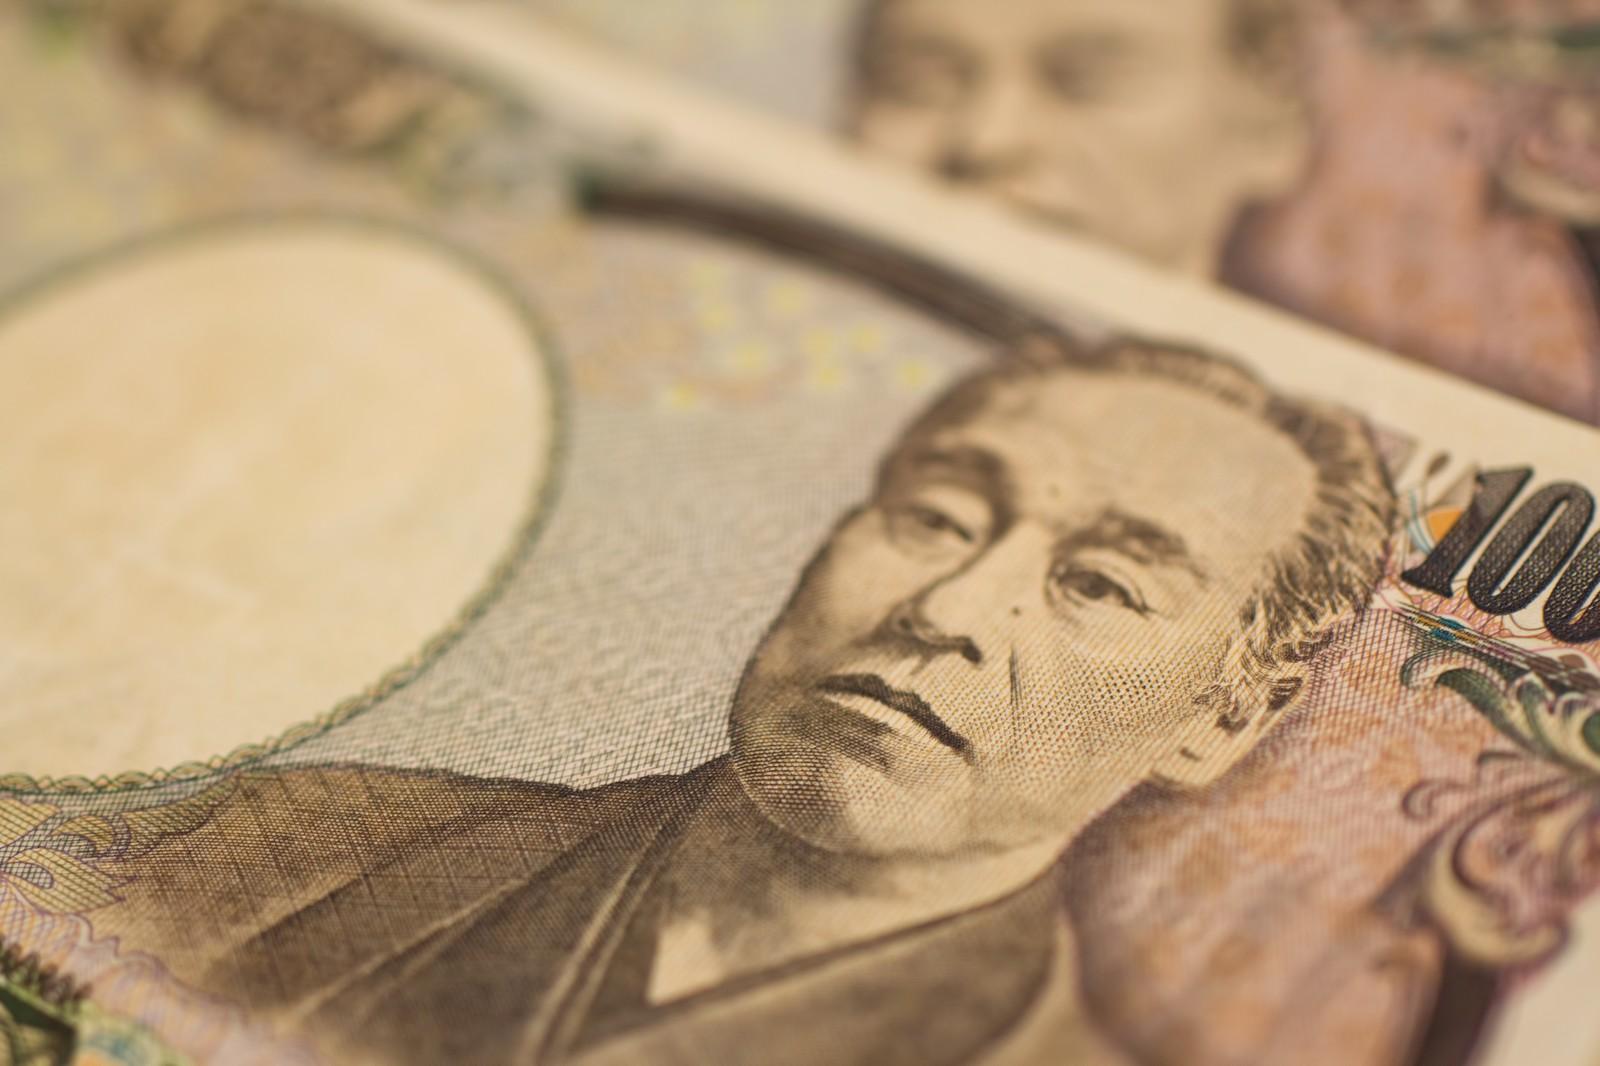 大手キャリアに1万円払っても格安SIMに乗り換えたほうがお得!